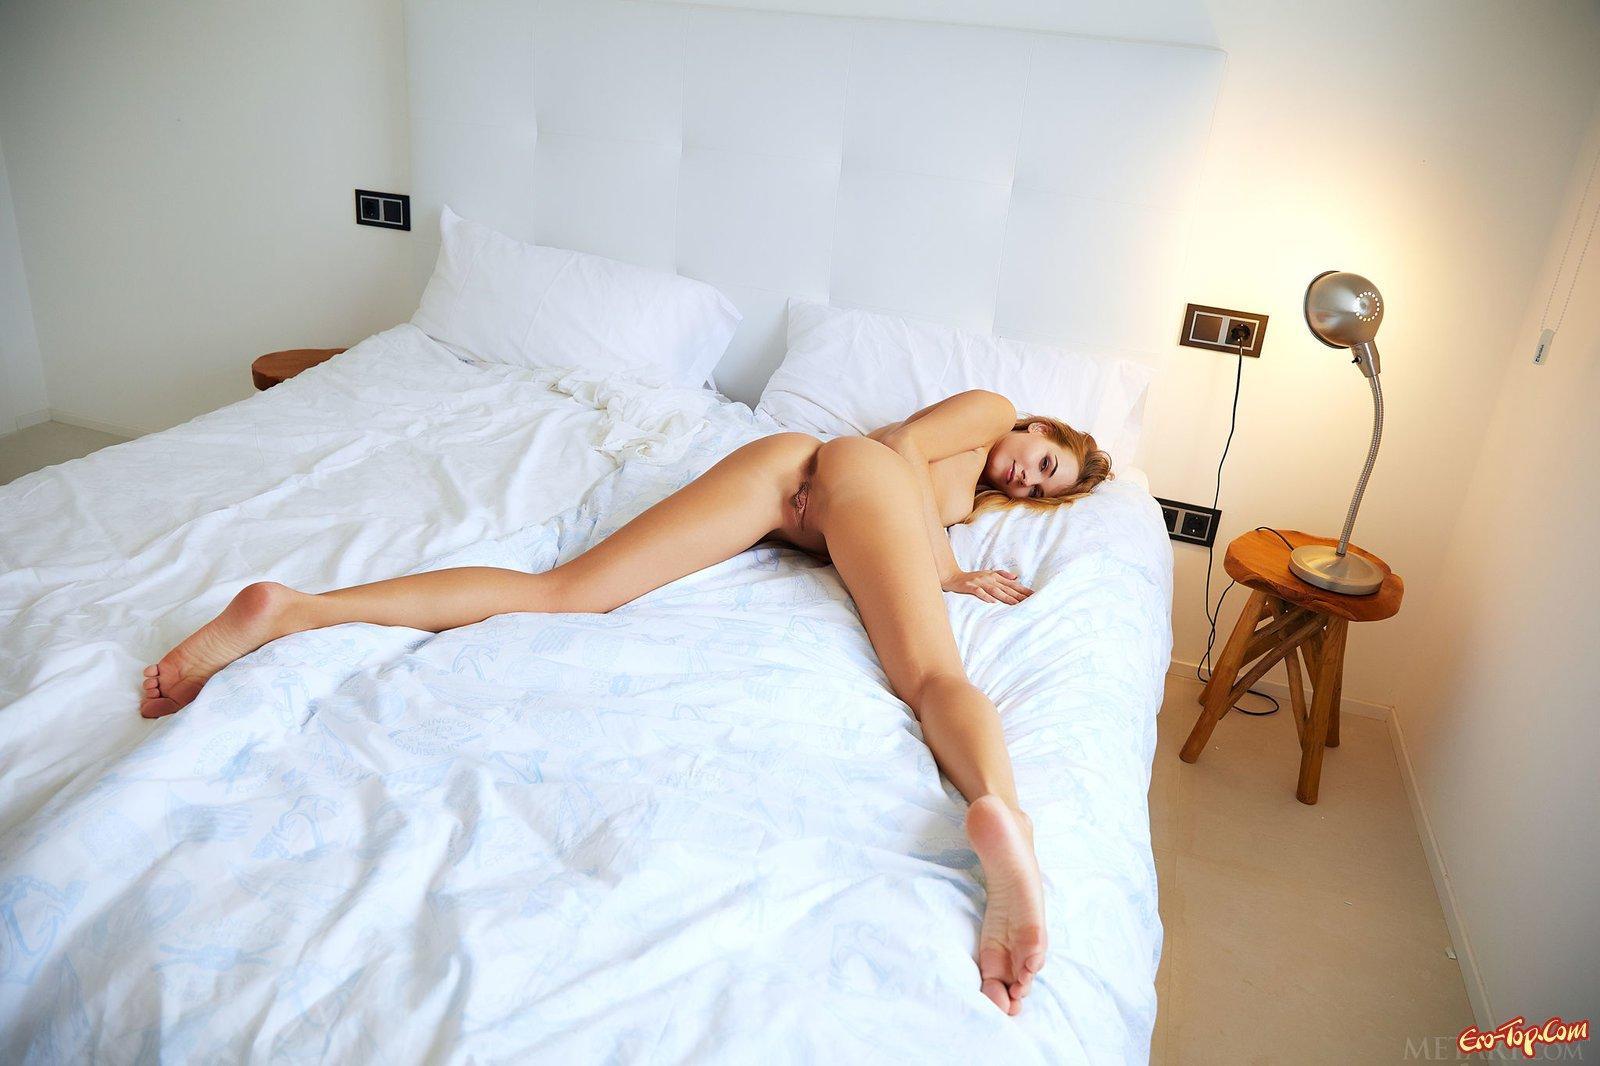 Рыженькая крошка стягивает трусики в постели